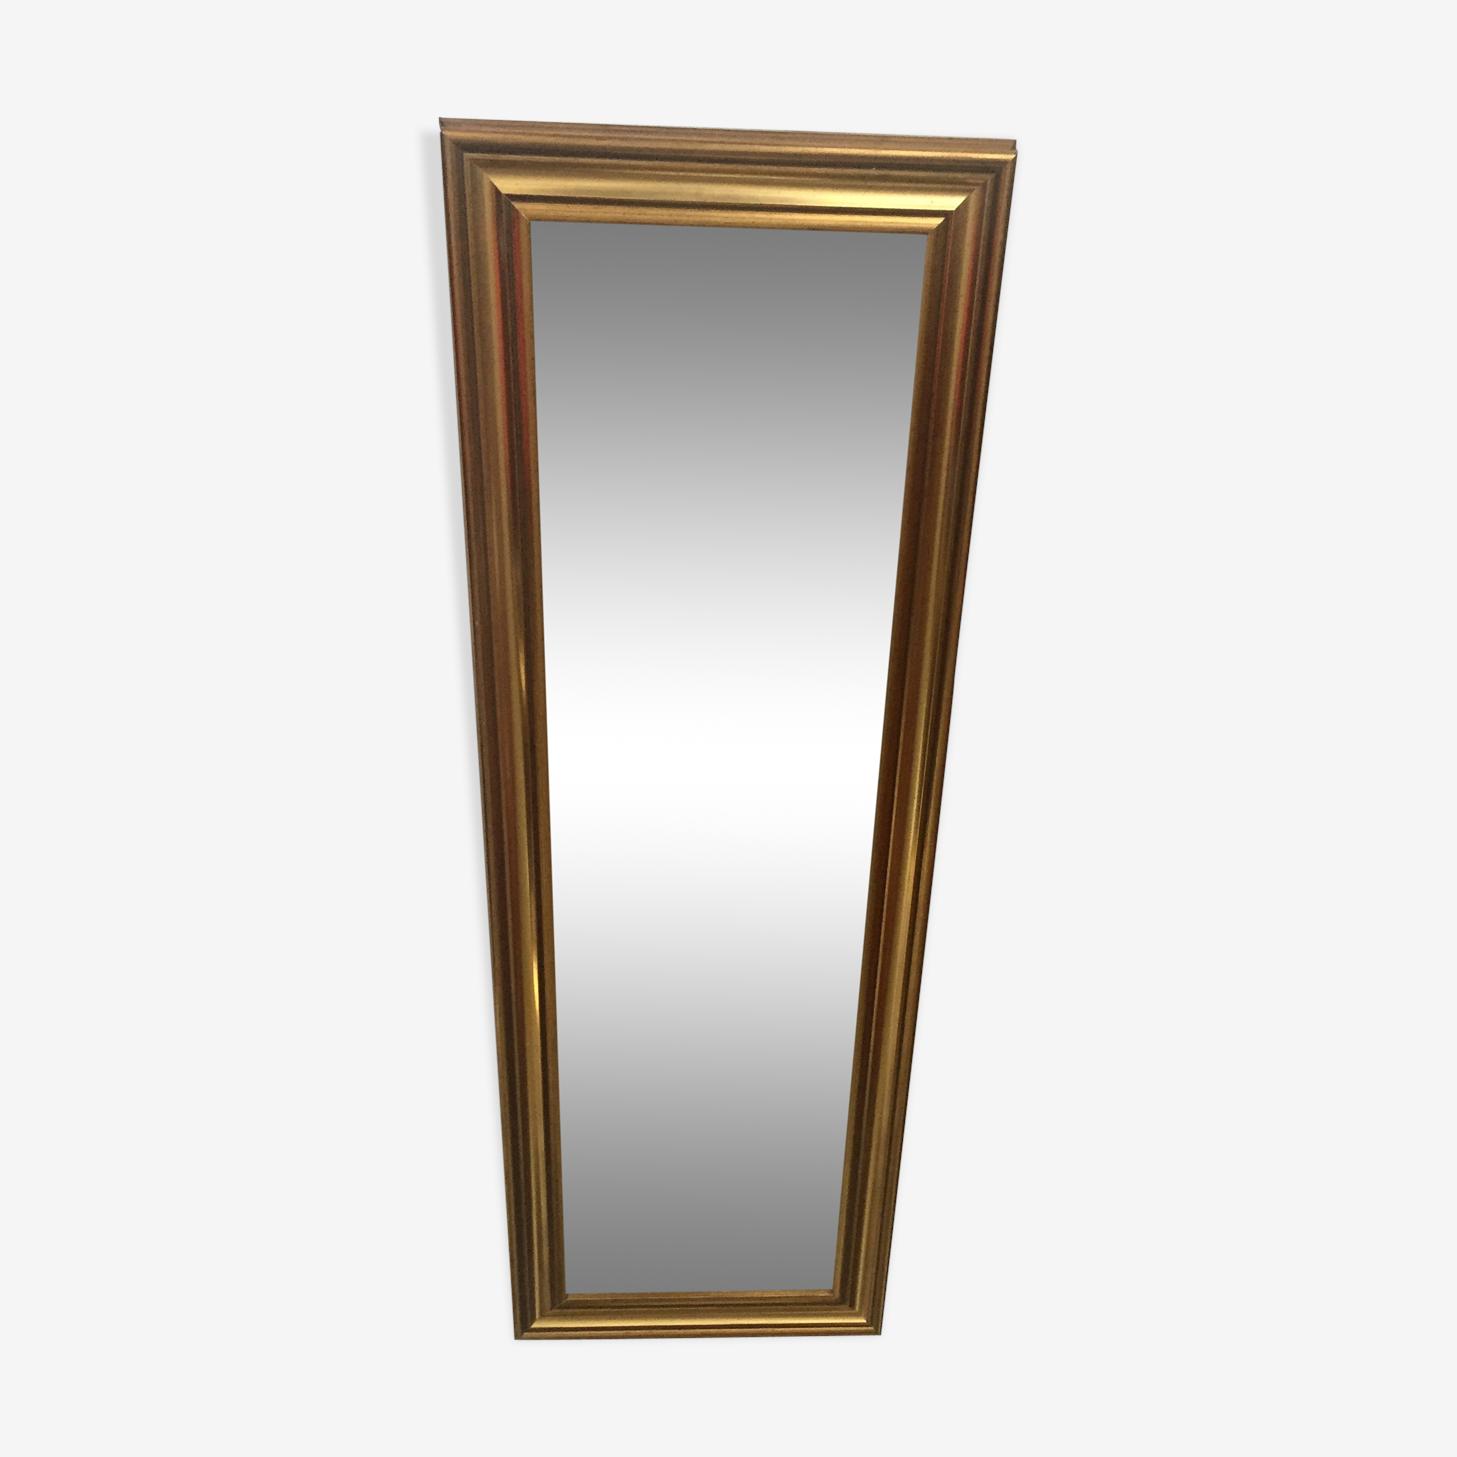 Miroir en bois doré 105x35cm